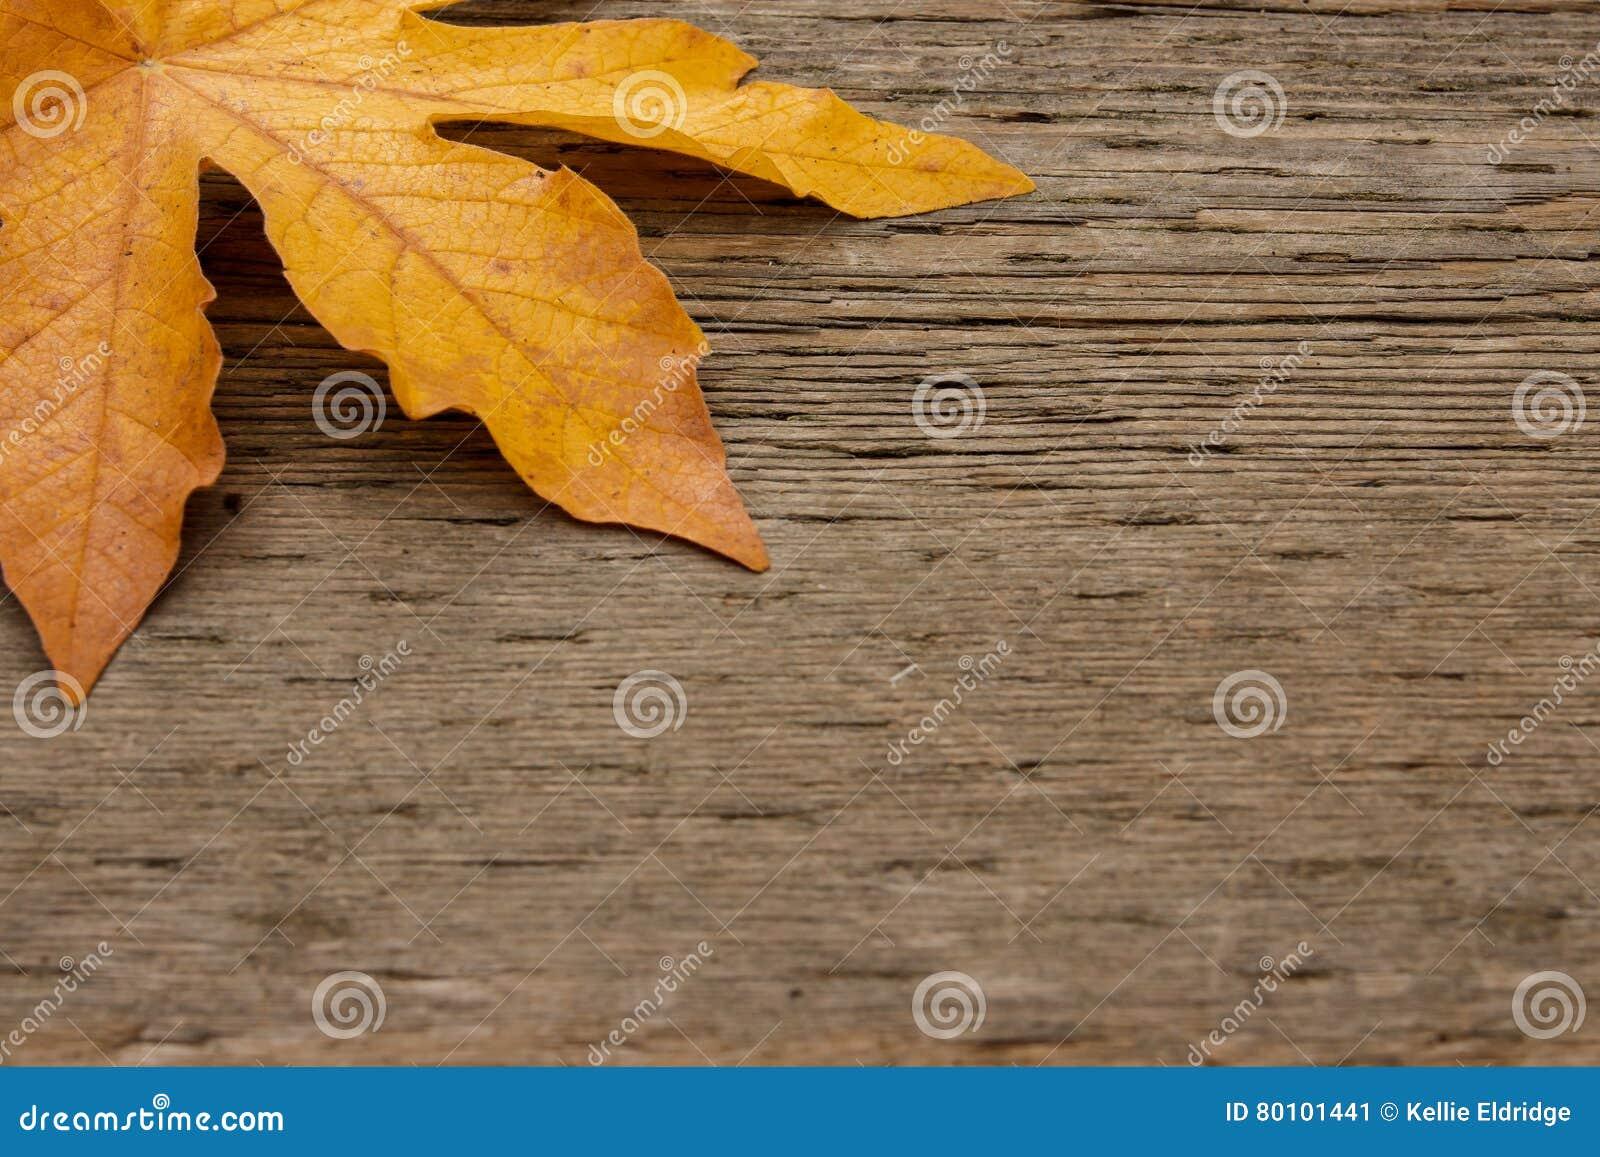 Folha de bordo dourada no fundo de madeira